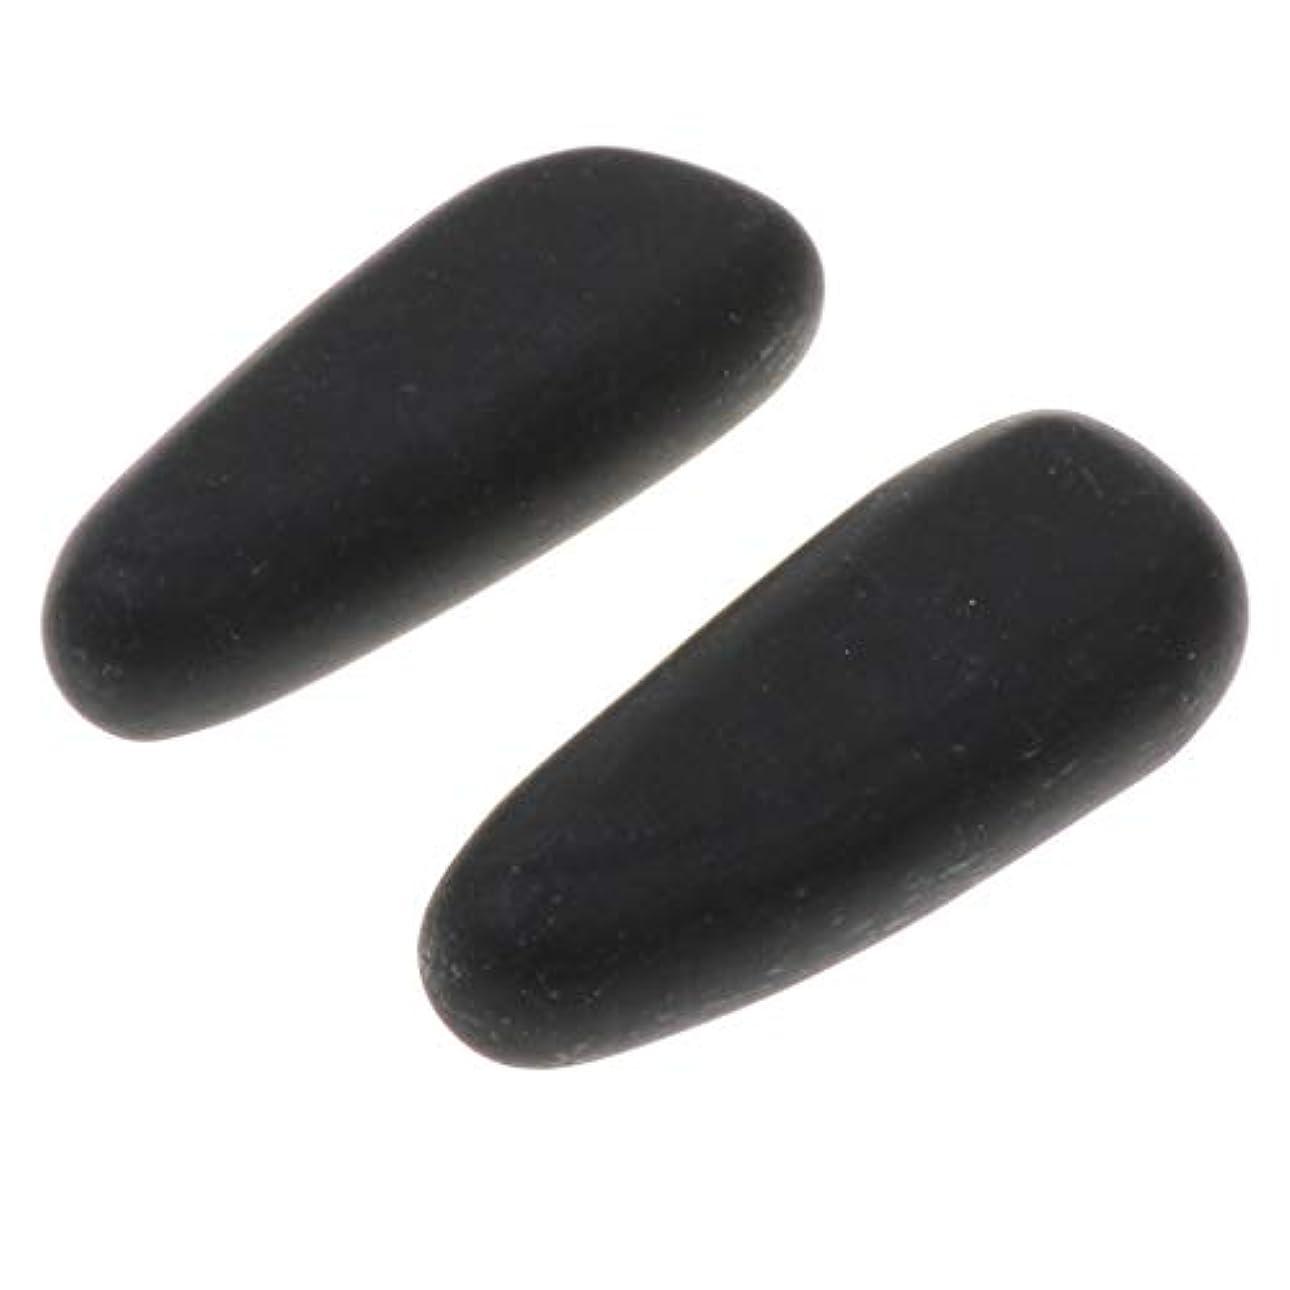 動物インシュレータ閲覧する天然石ホットストーン マッサージストーン 玄武岩 ボディマッサージ 実用 ツボ押しグッズ 2個 全2サイズ - 8×3.2×2cm